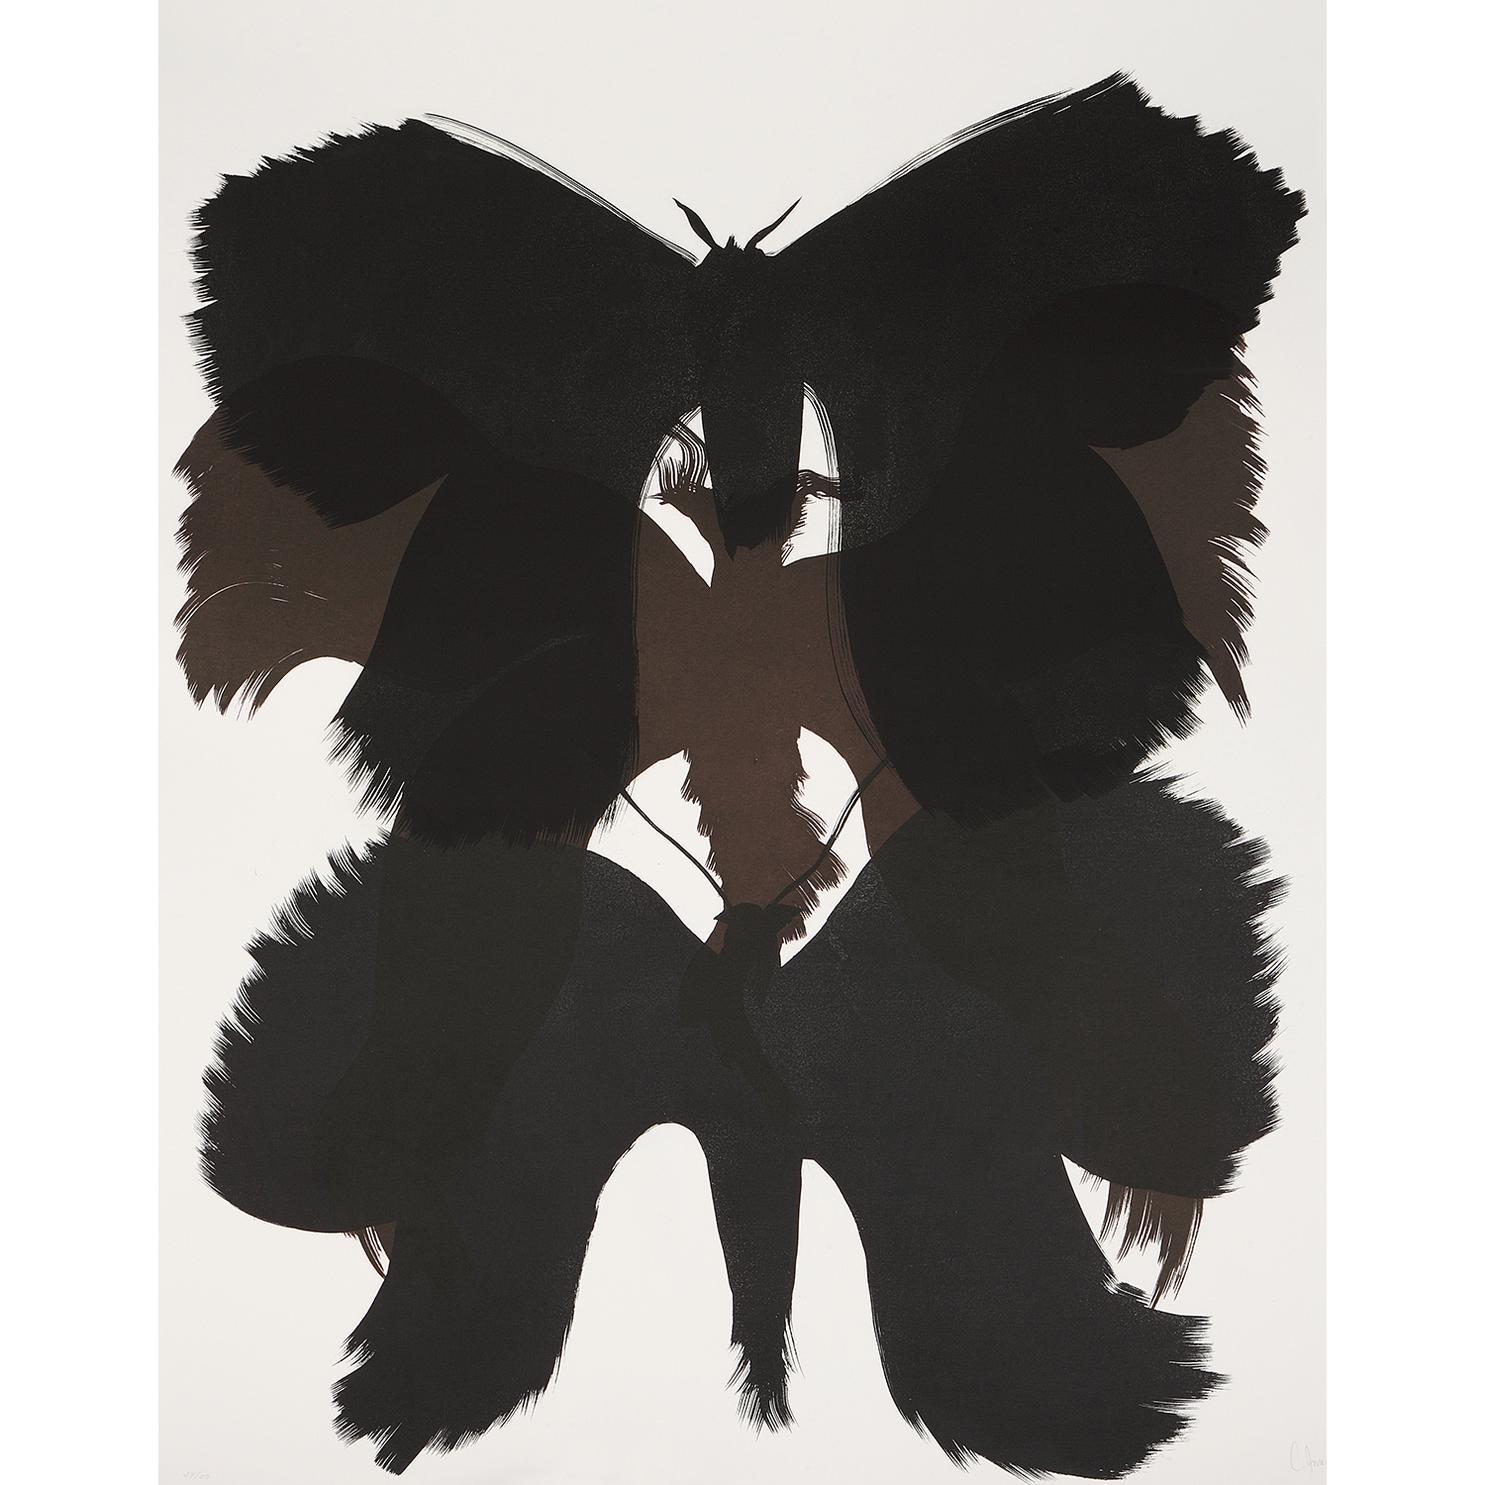 Carlos Amorales-Mariposas Negras-